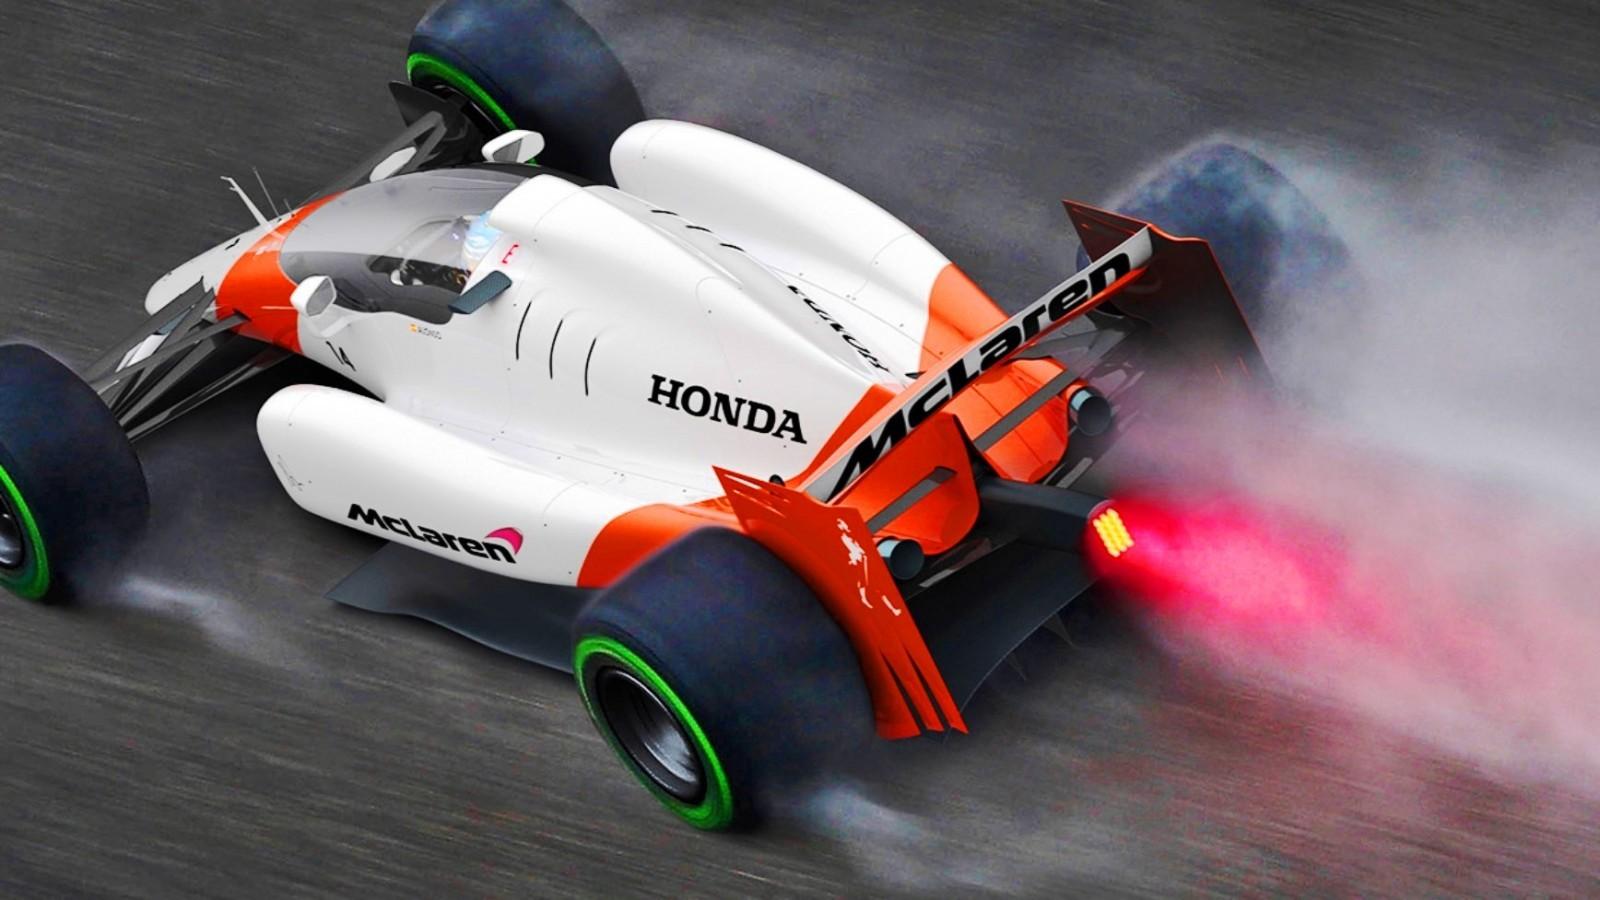 F1: 2019 McLaren-Honda F1 Car Renderings